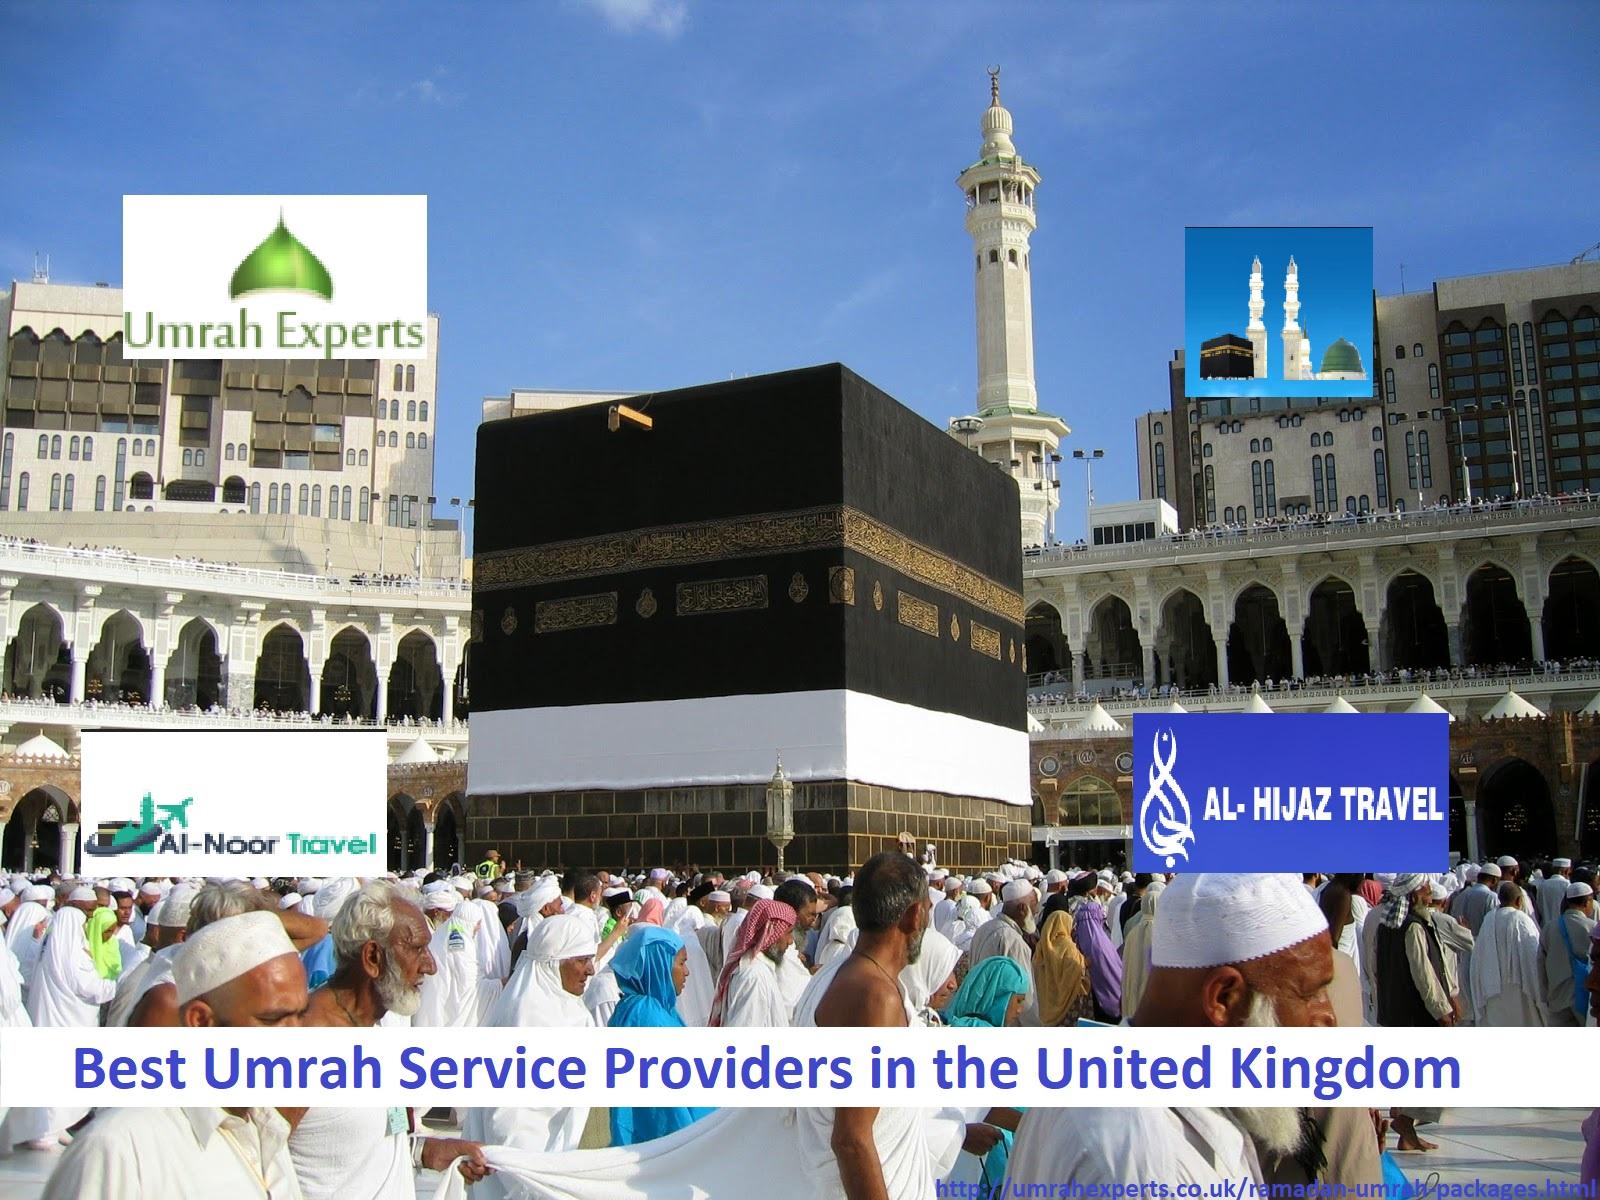 Umrah Banner: Blog For Umrah Experts